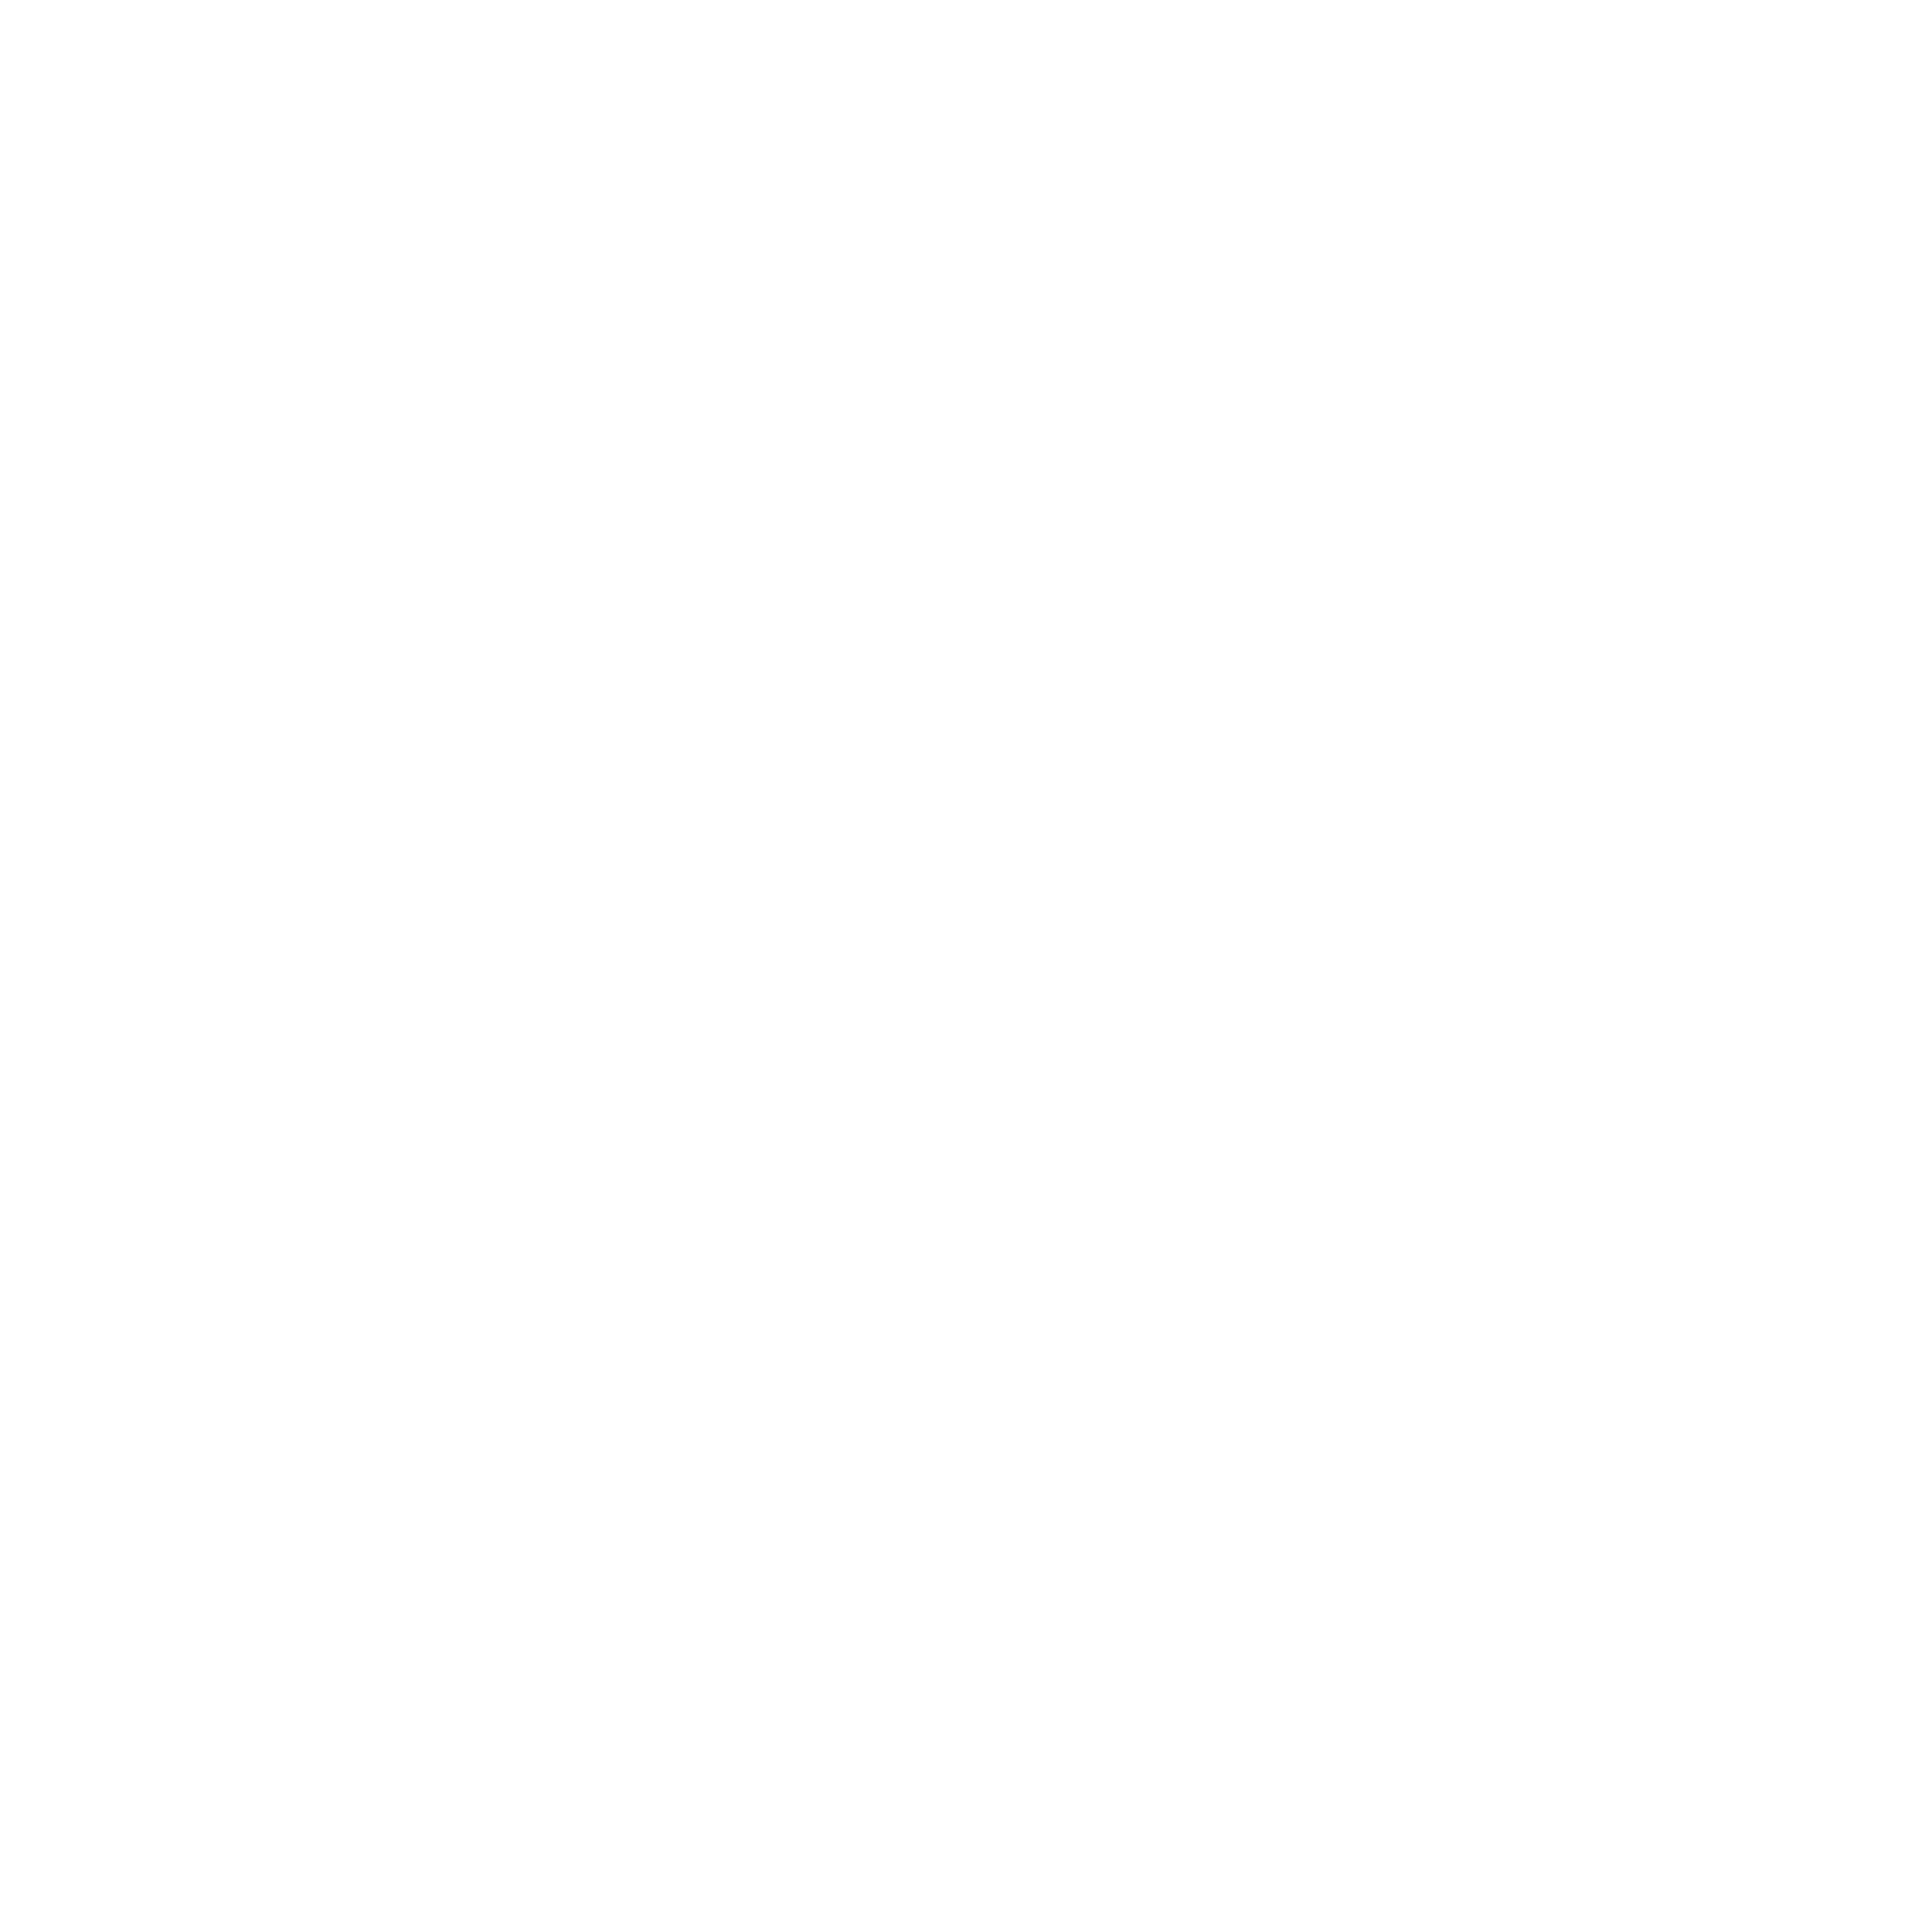 shirt-font